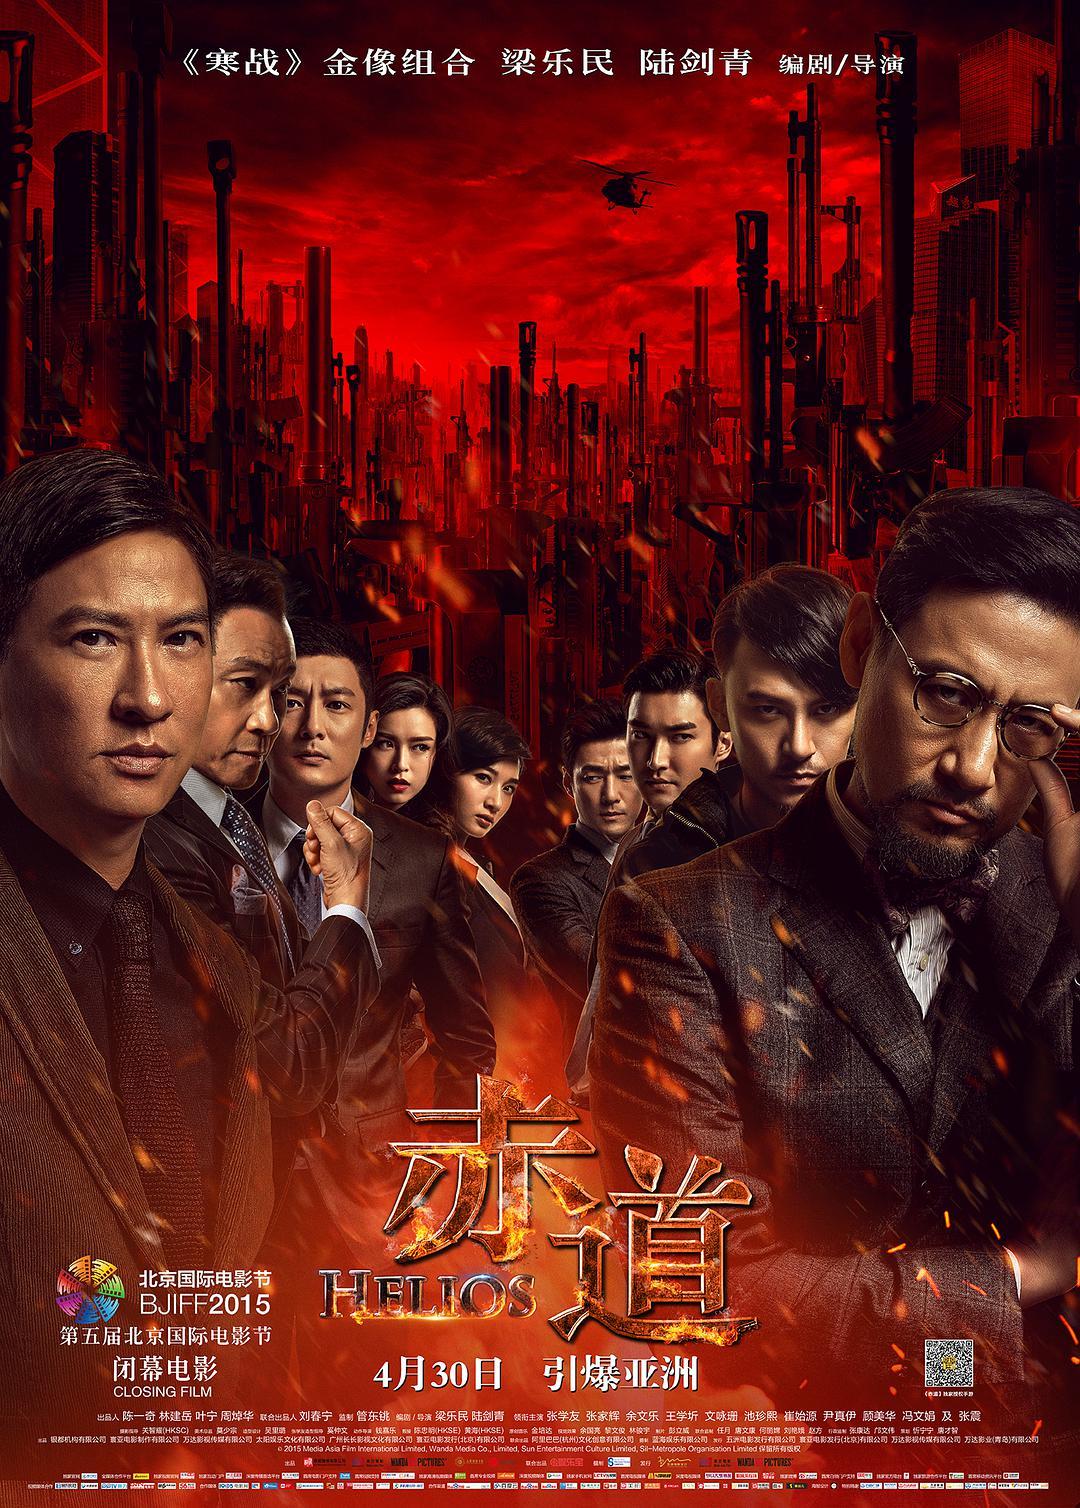 悠悠MP4_MP4电影下载_[赤道][BD-MKV/16.60GB][国粤语音轨/中文字幕][4K-2160P][HDR版本][犯罪,香港,香港电影,动作,张家辉,张学友]